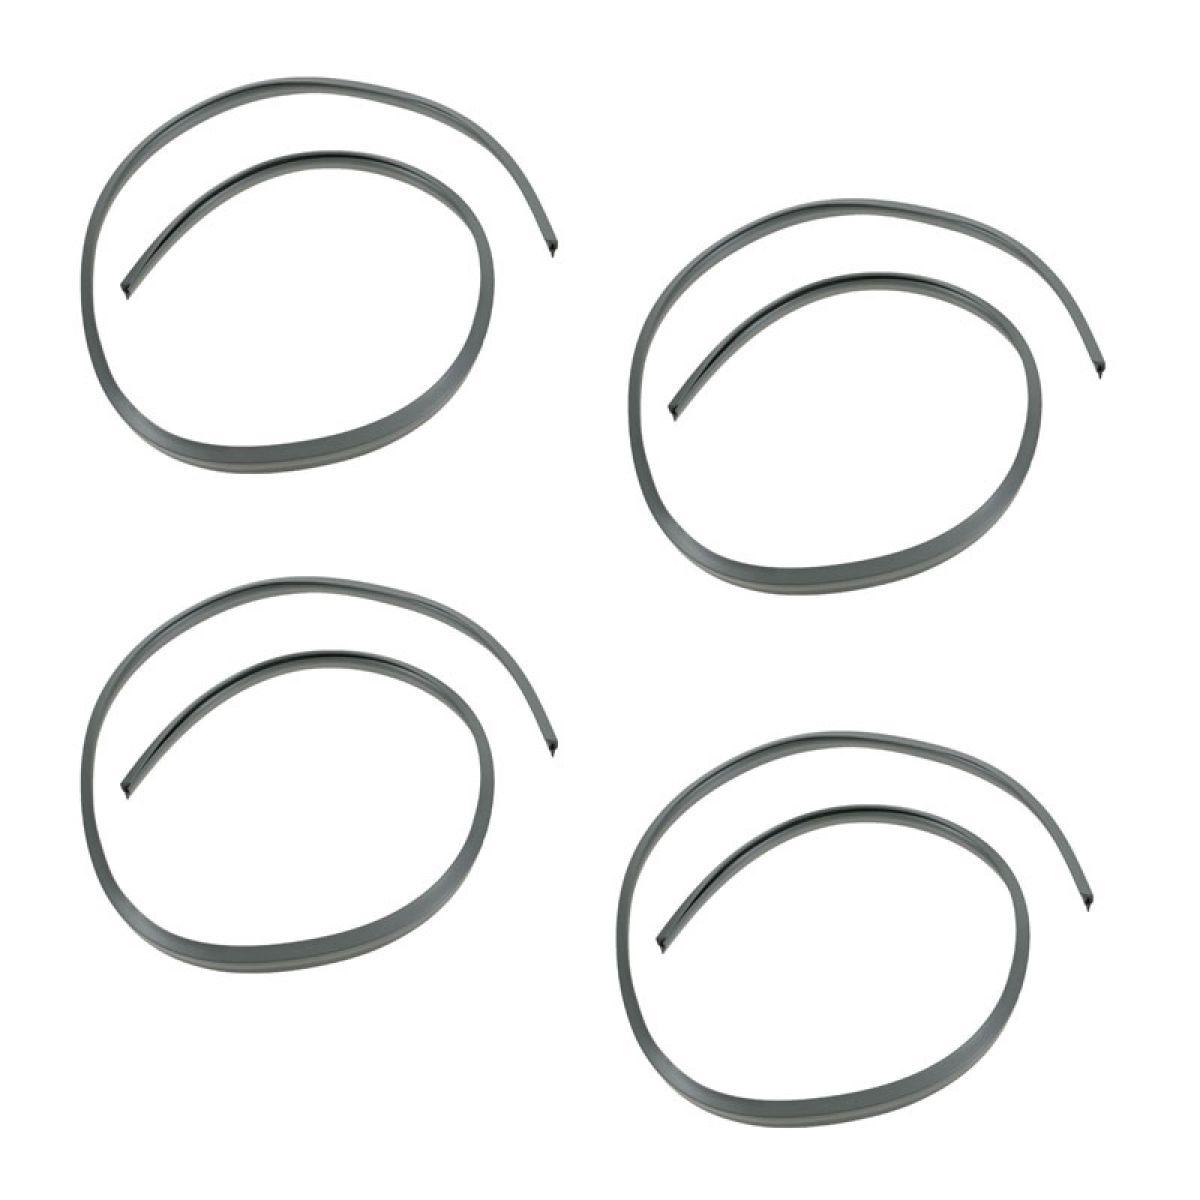 Molded Uv Resistant Wheel Spoiler Trim Kit Set Of 4 For 74